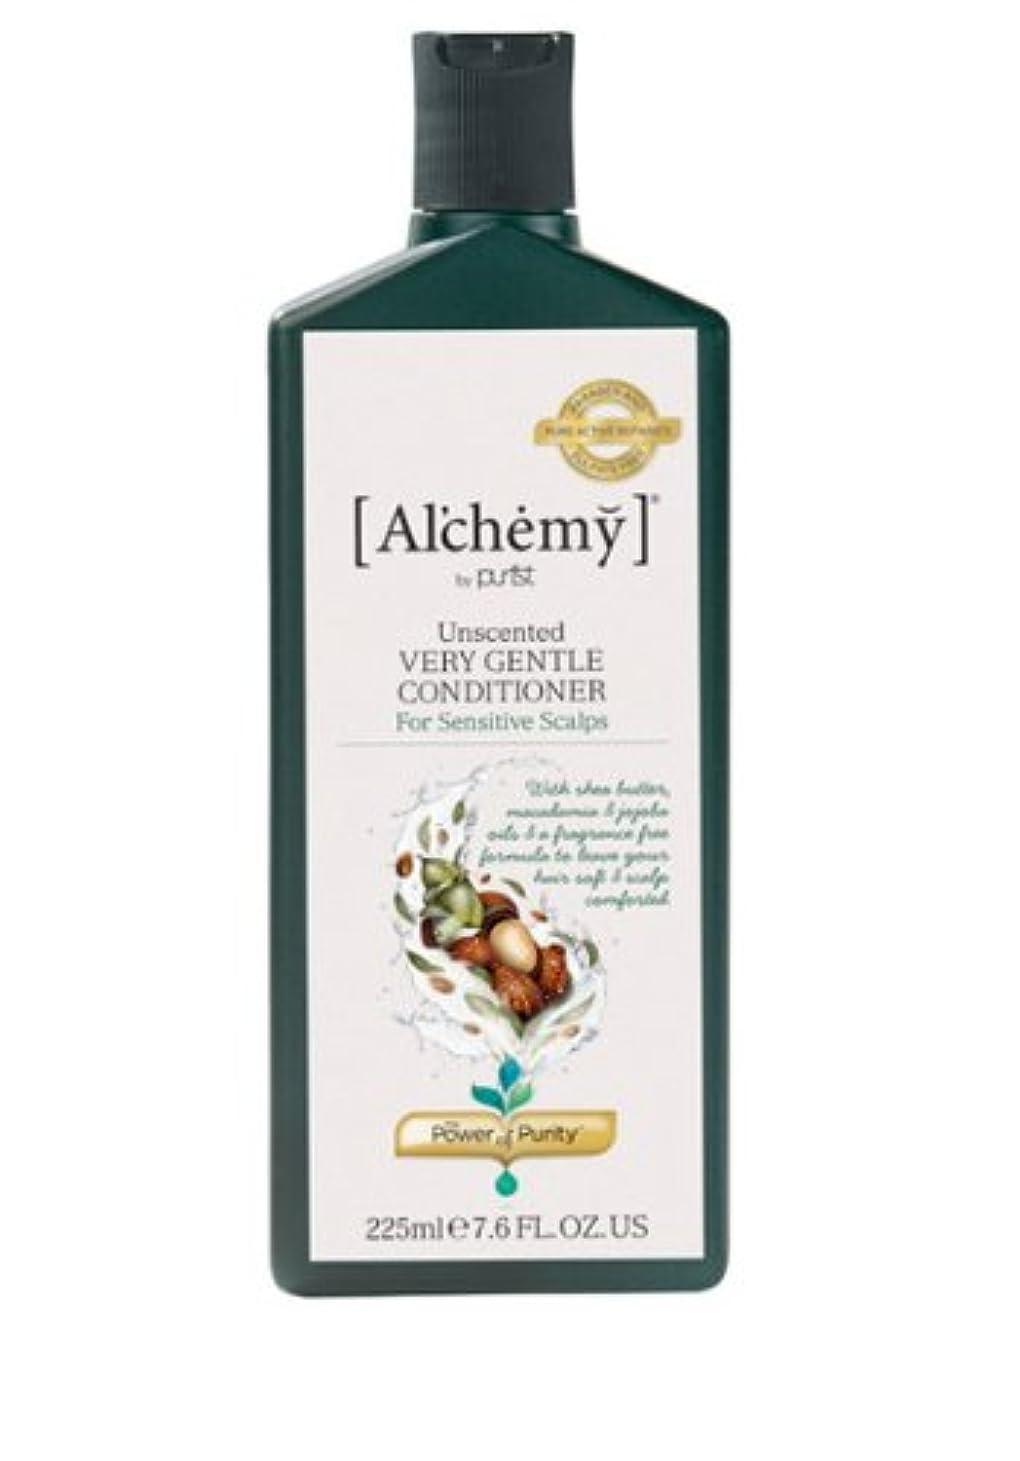 フレア家族対処する【Al'chemy(alchemy)】アルケミー ベリージェントルコンディショナー(Unscented Very Gentle Conditioner)(敏感肌用)225ml